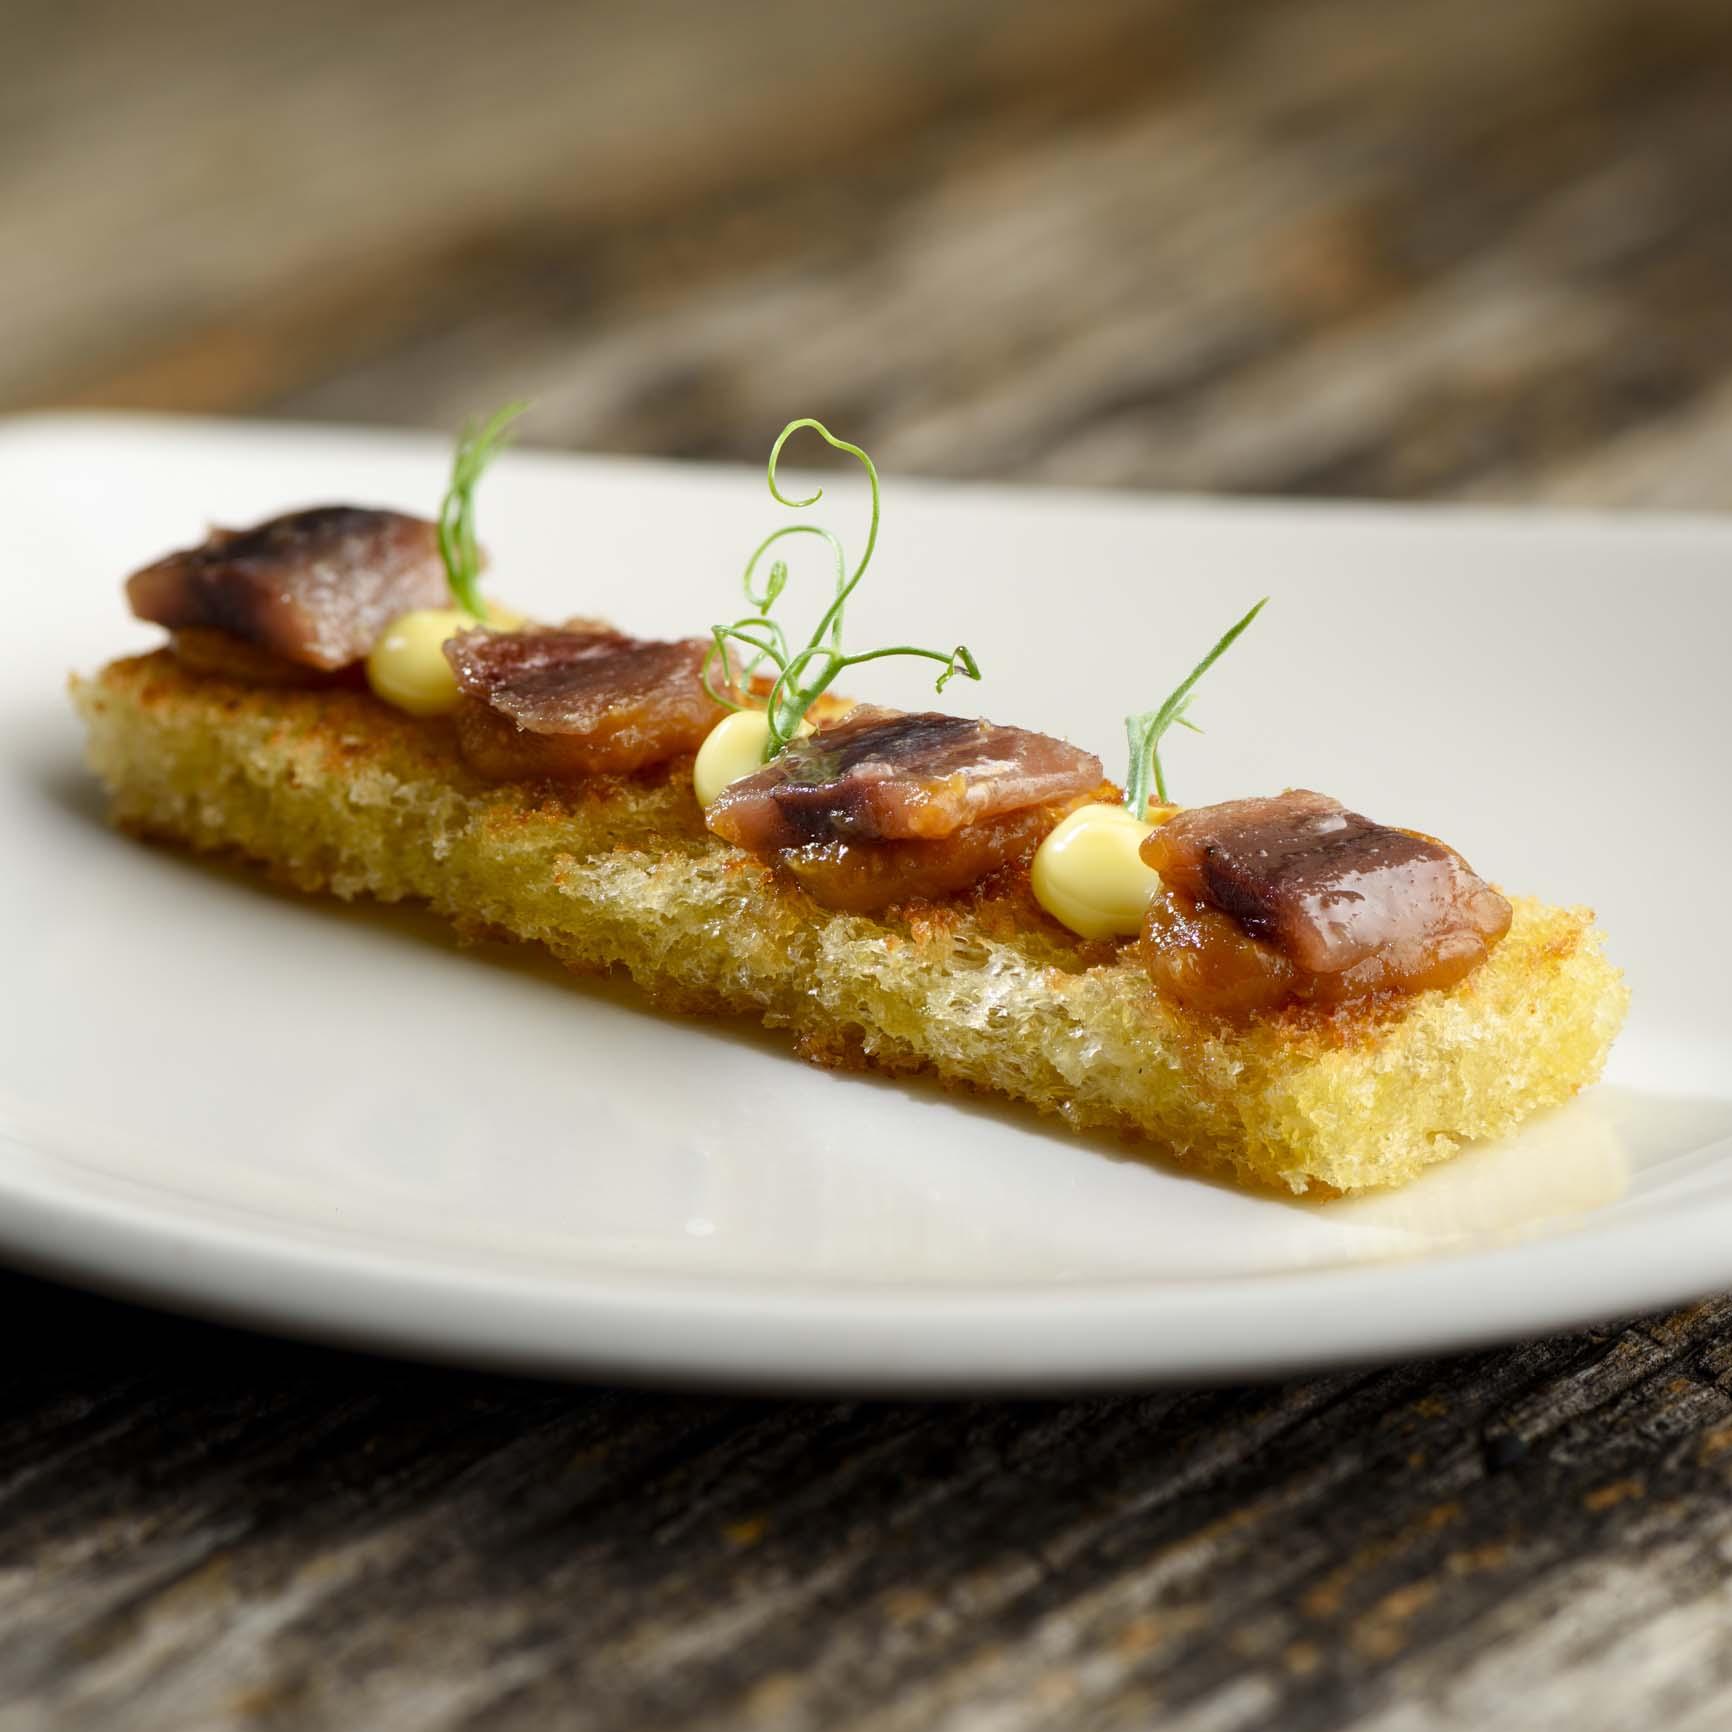 バスク・カンタブリア海のアンチョアと味噌のトースト